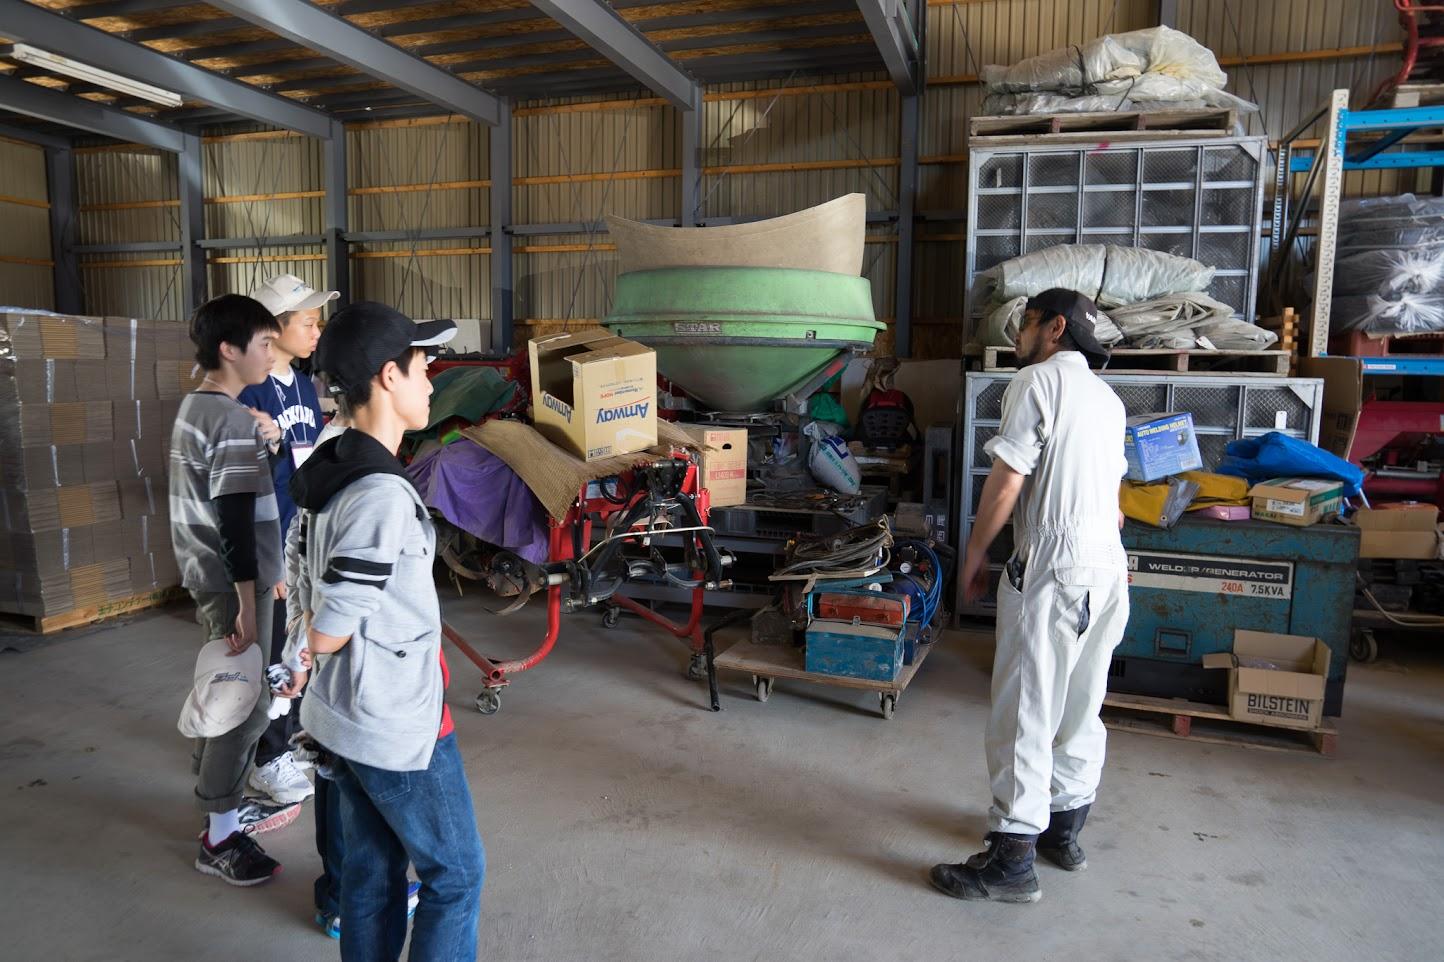 倉庫内の様々な農機具について説明